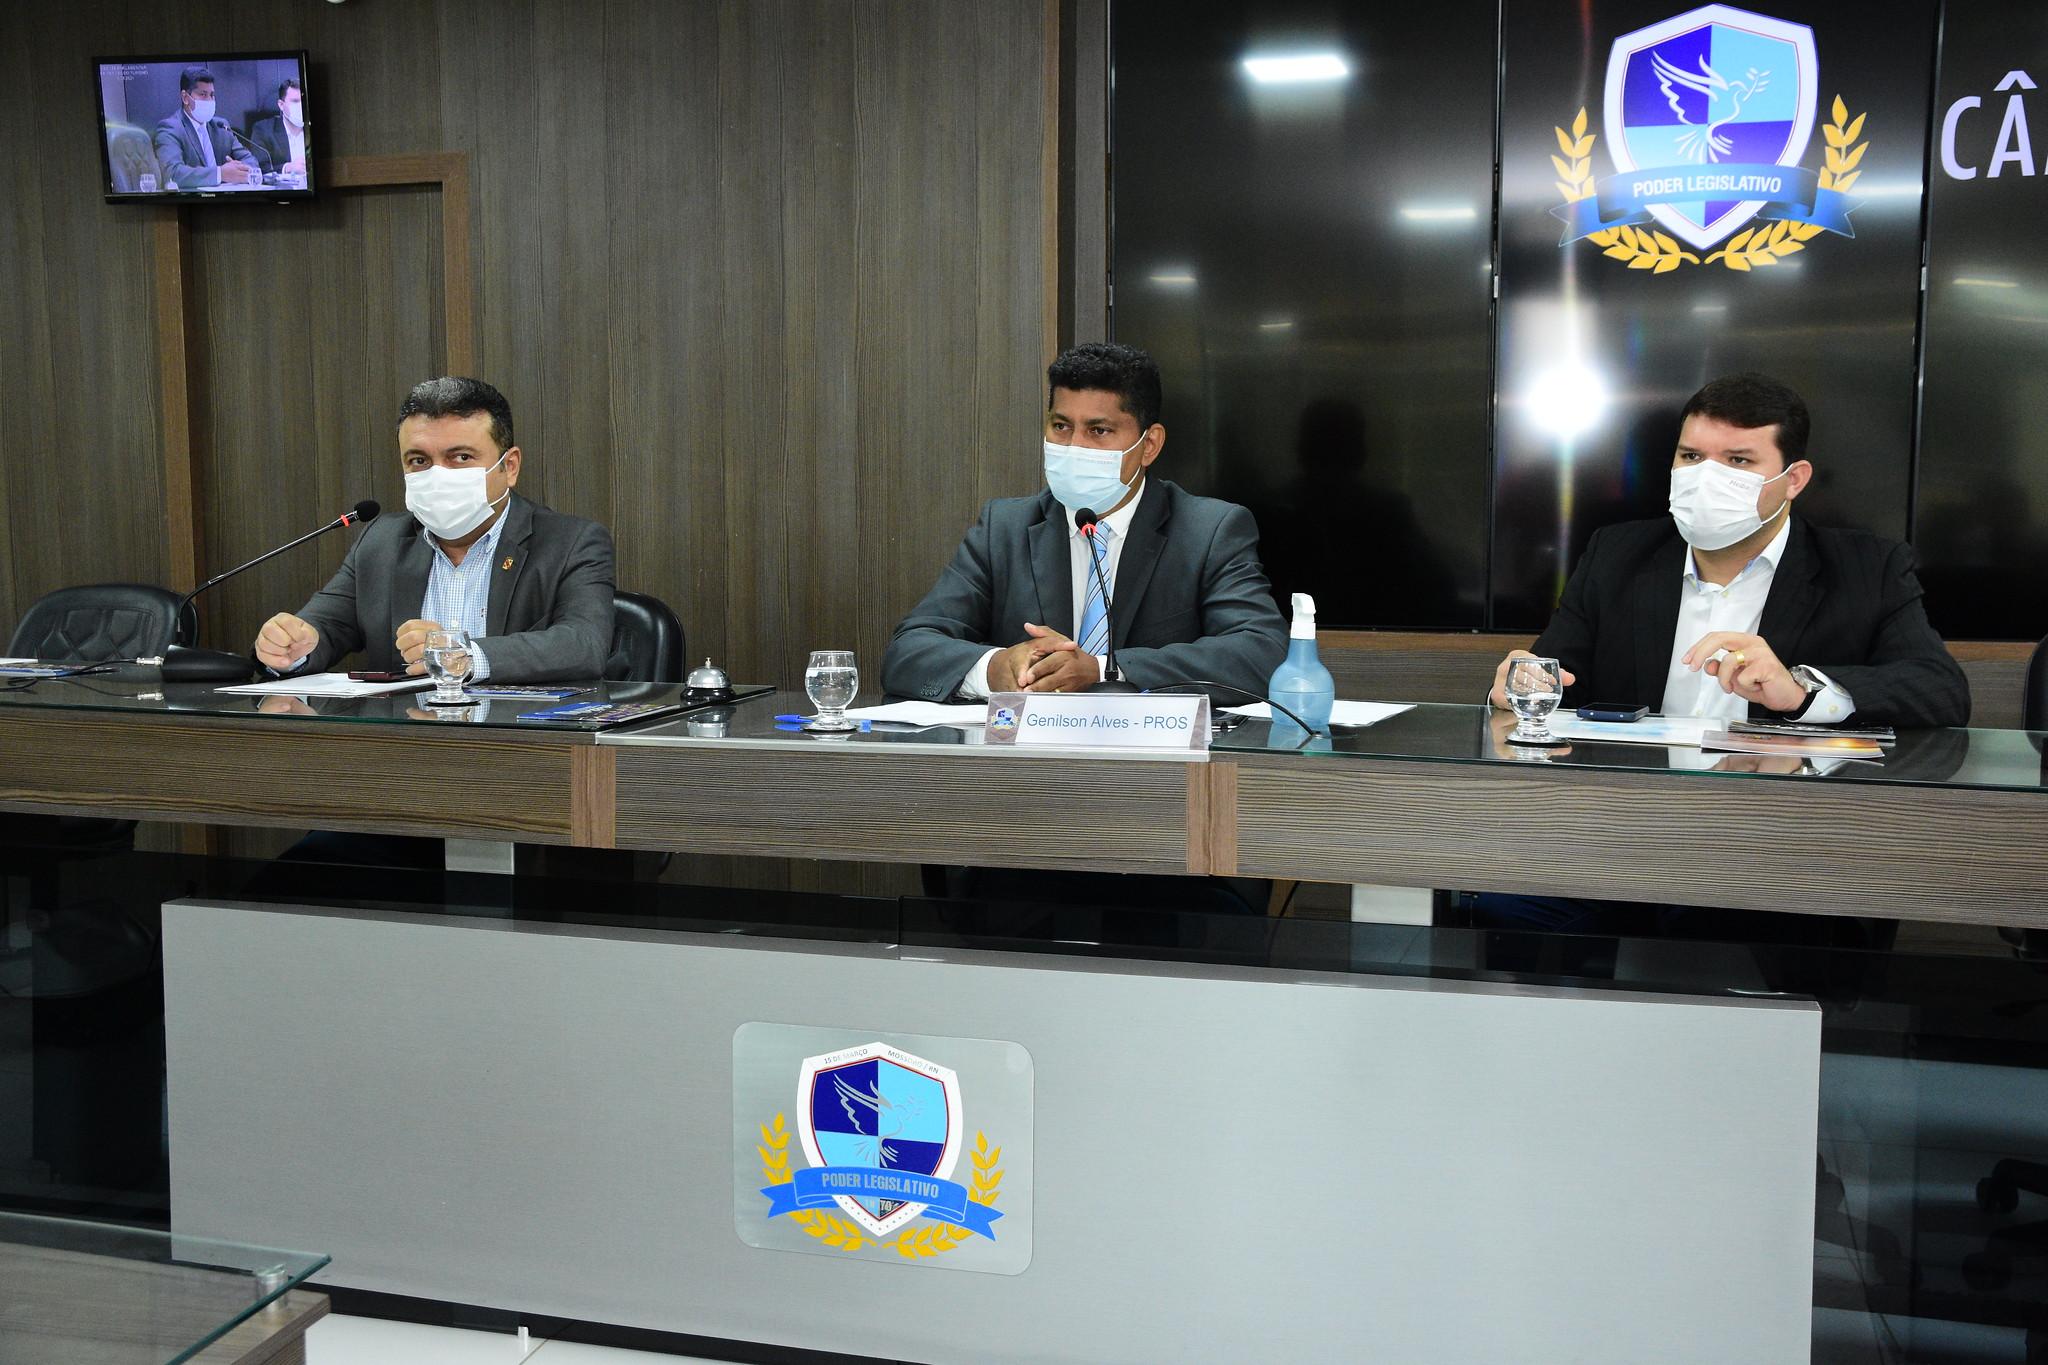 Prefeitura discute com Câmara Municipal e entidades rumos do turismo mossoroense